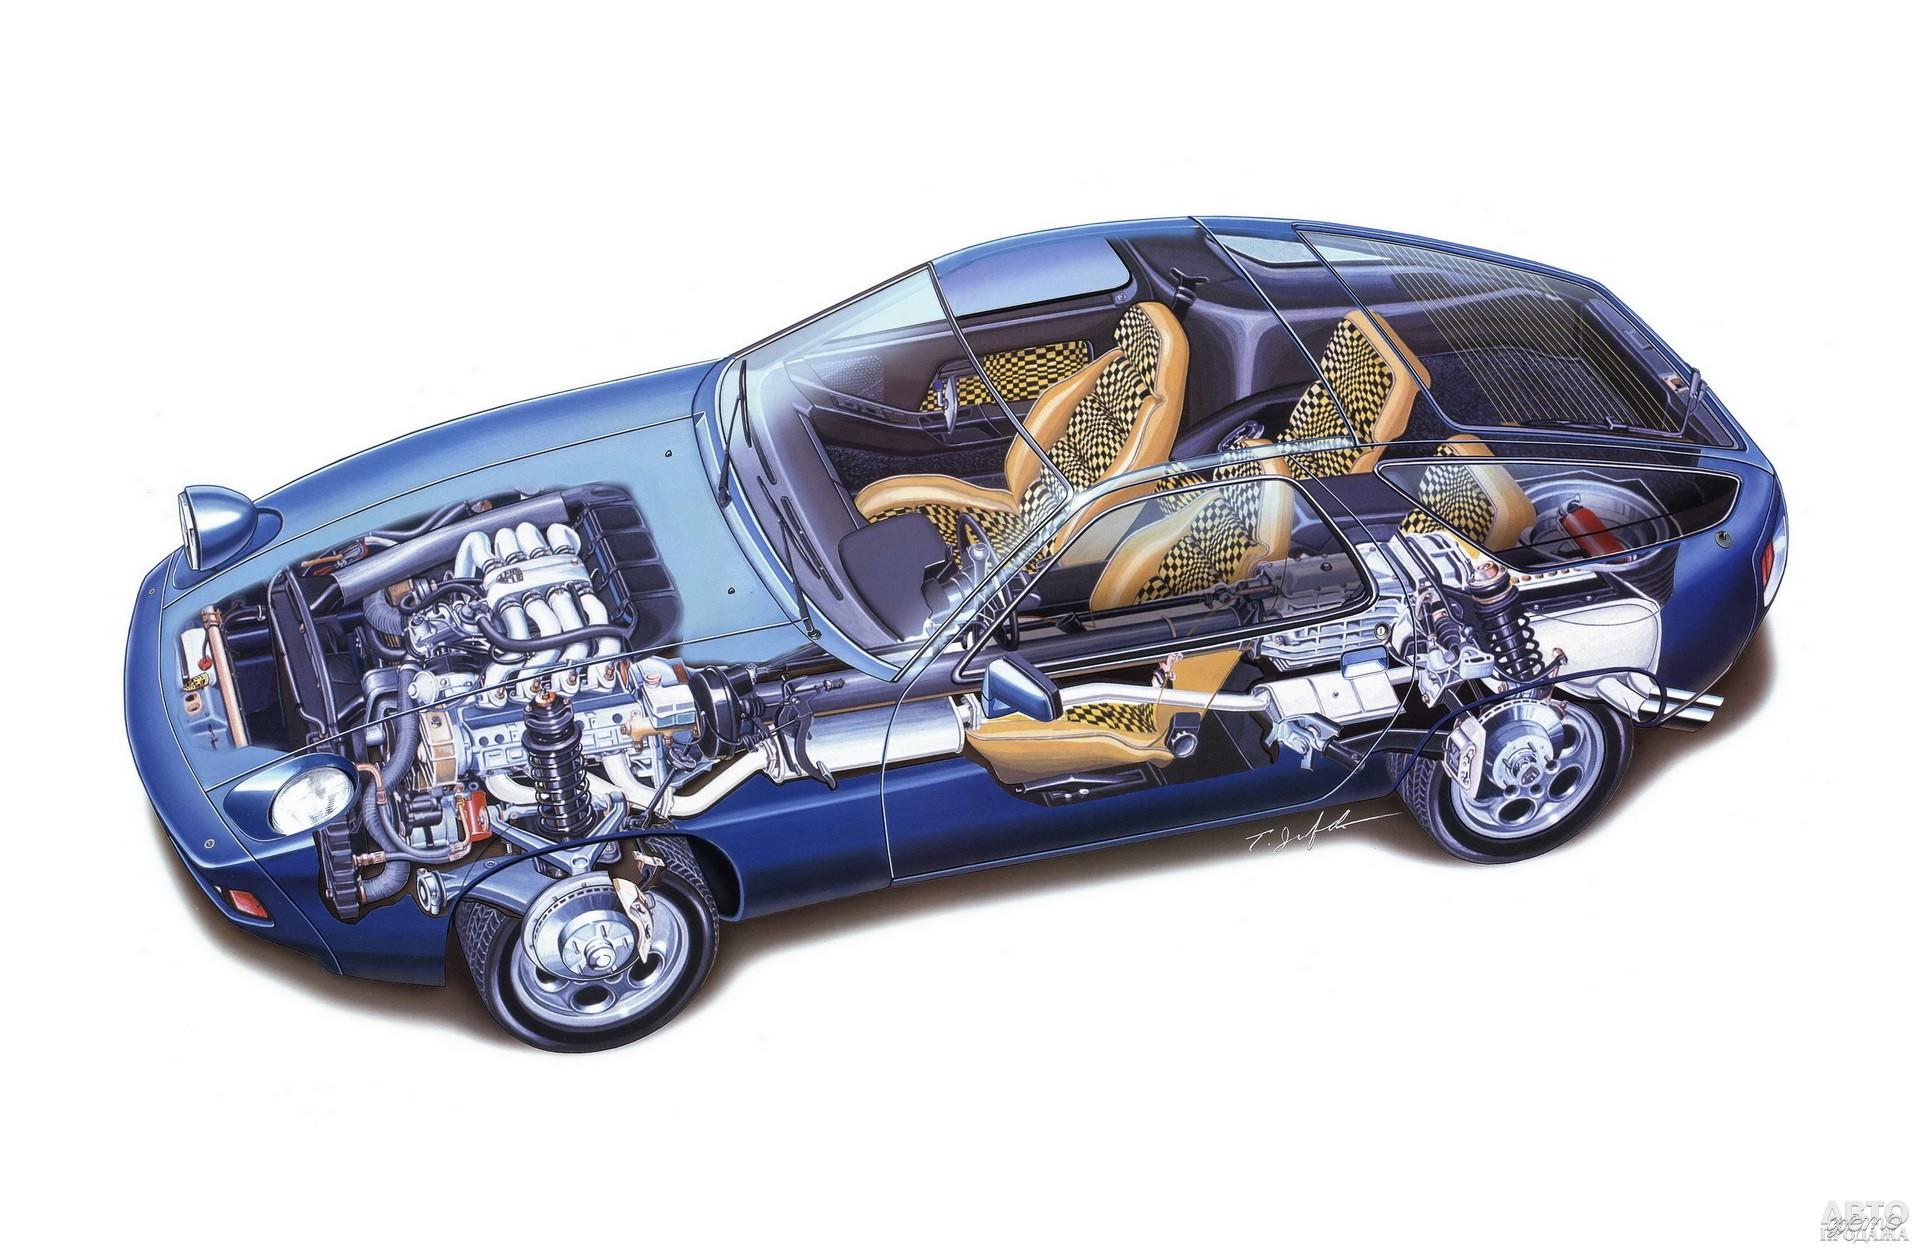 Двигатель расположен спереди, а коробка переключения передач – у задней оси